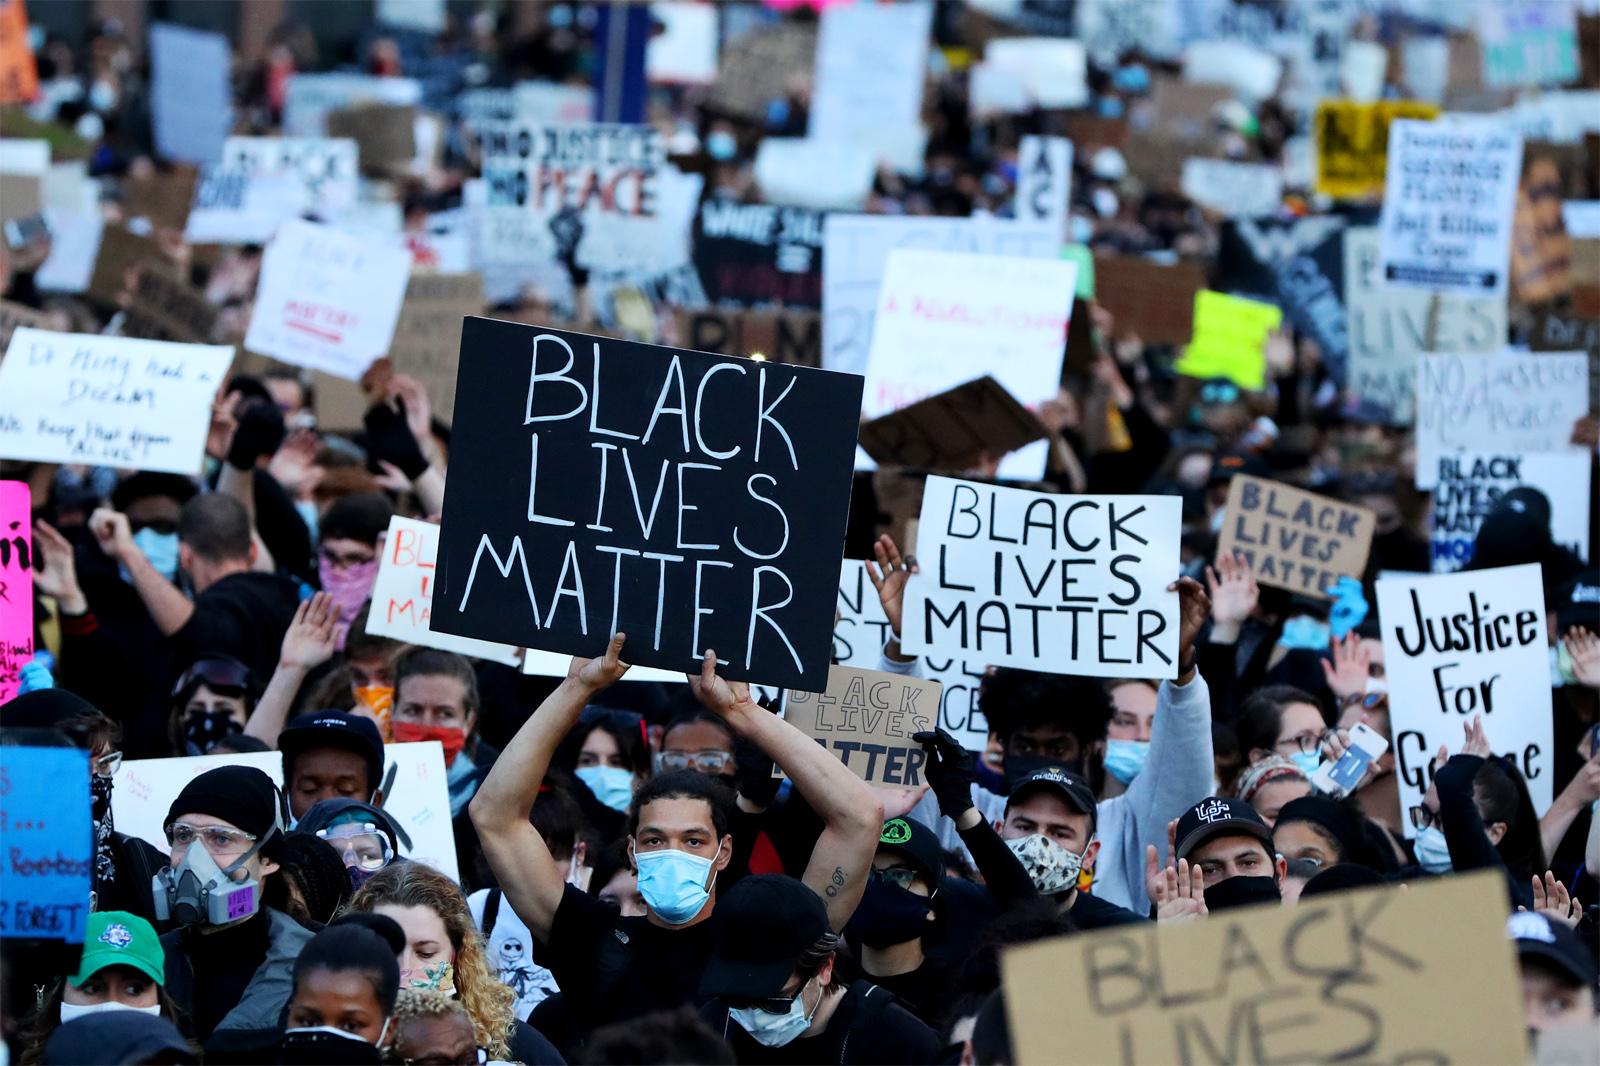 Black Lives Master protests